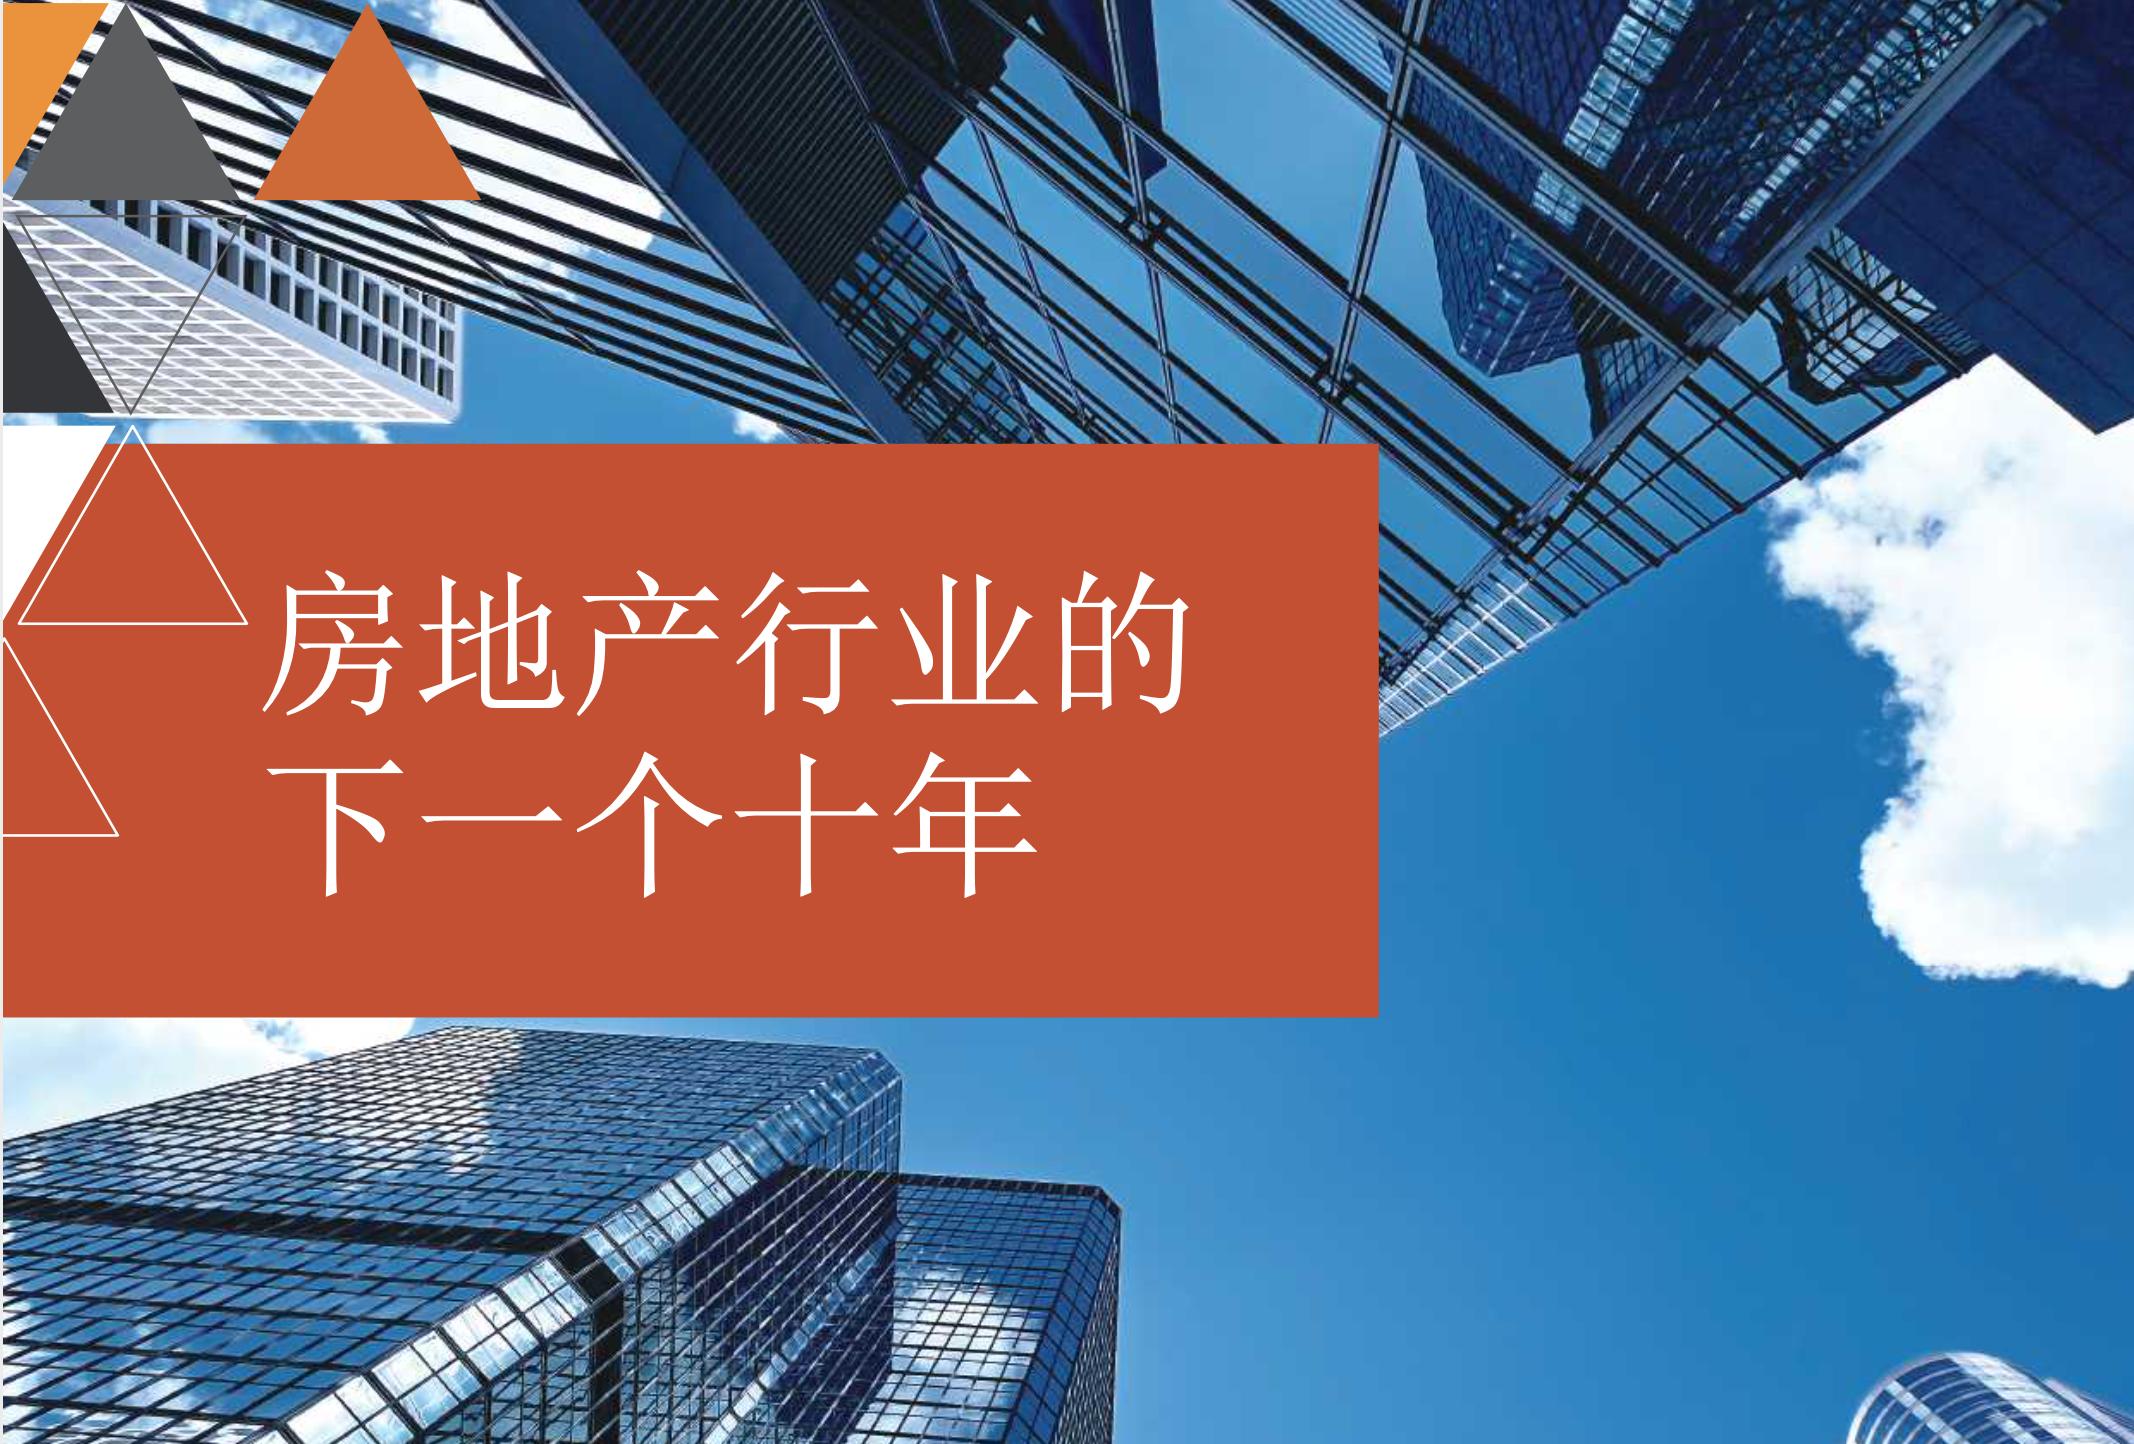 房地产行业的下一个十年-普华永道(2020年)